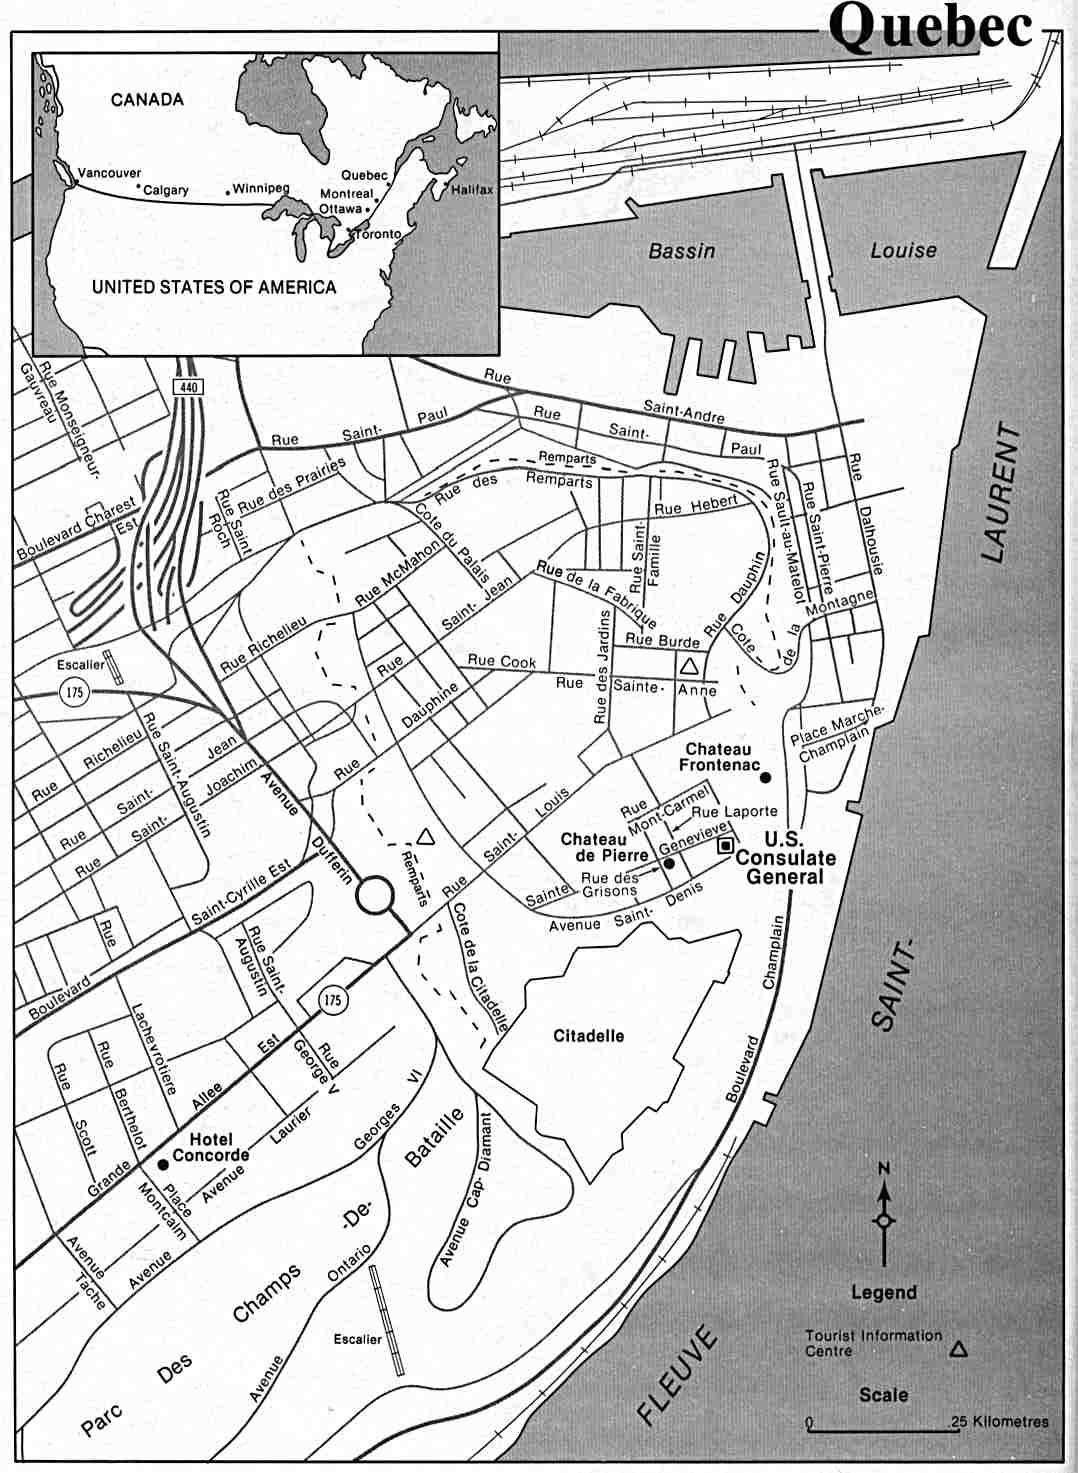 Québec City Map, Québec, Canada